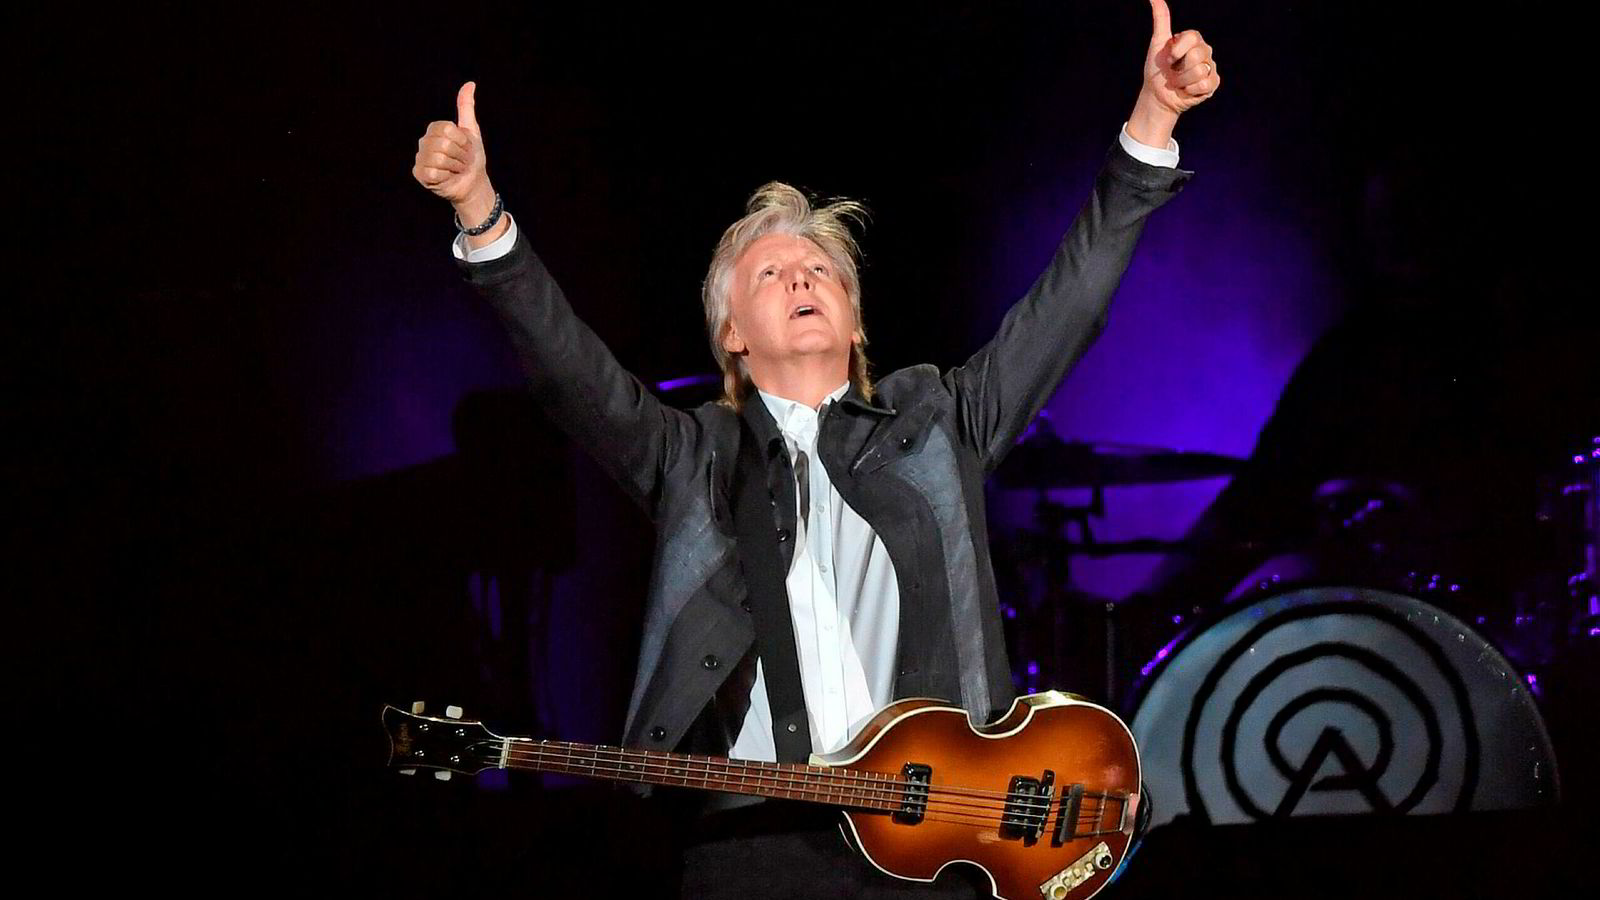 Billettprisene på konserter har tredoblet seg siden årtusenskiftet. Selv Paul McCartney får 80 prosent av inntektene sine fra konserter, skriver innleggsforfatteren.